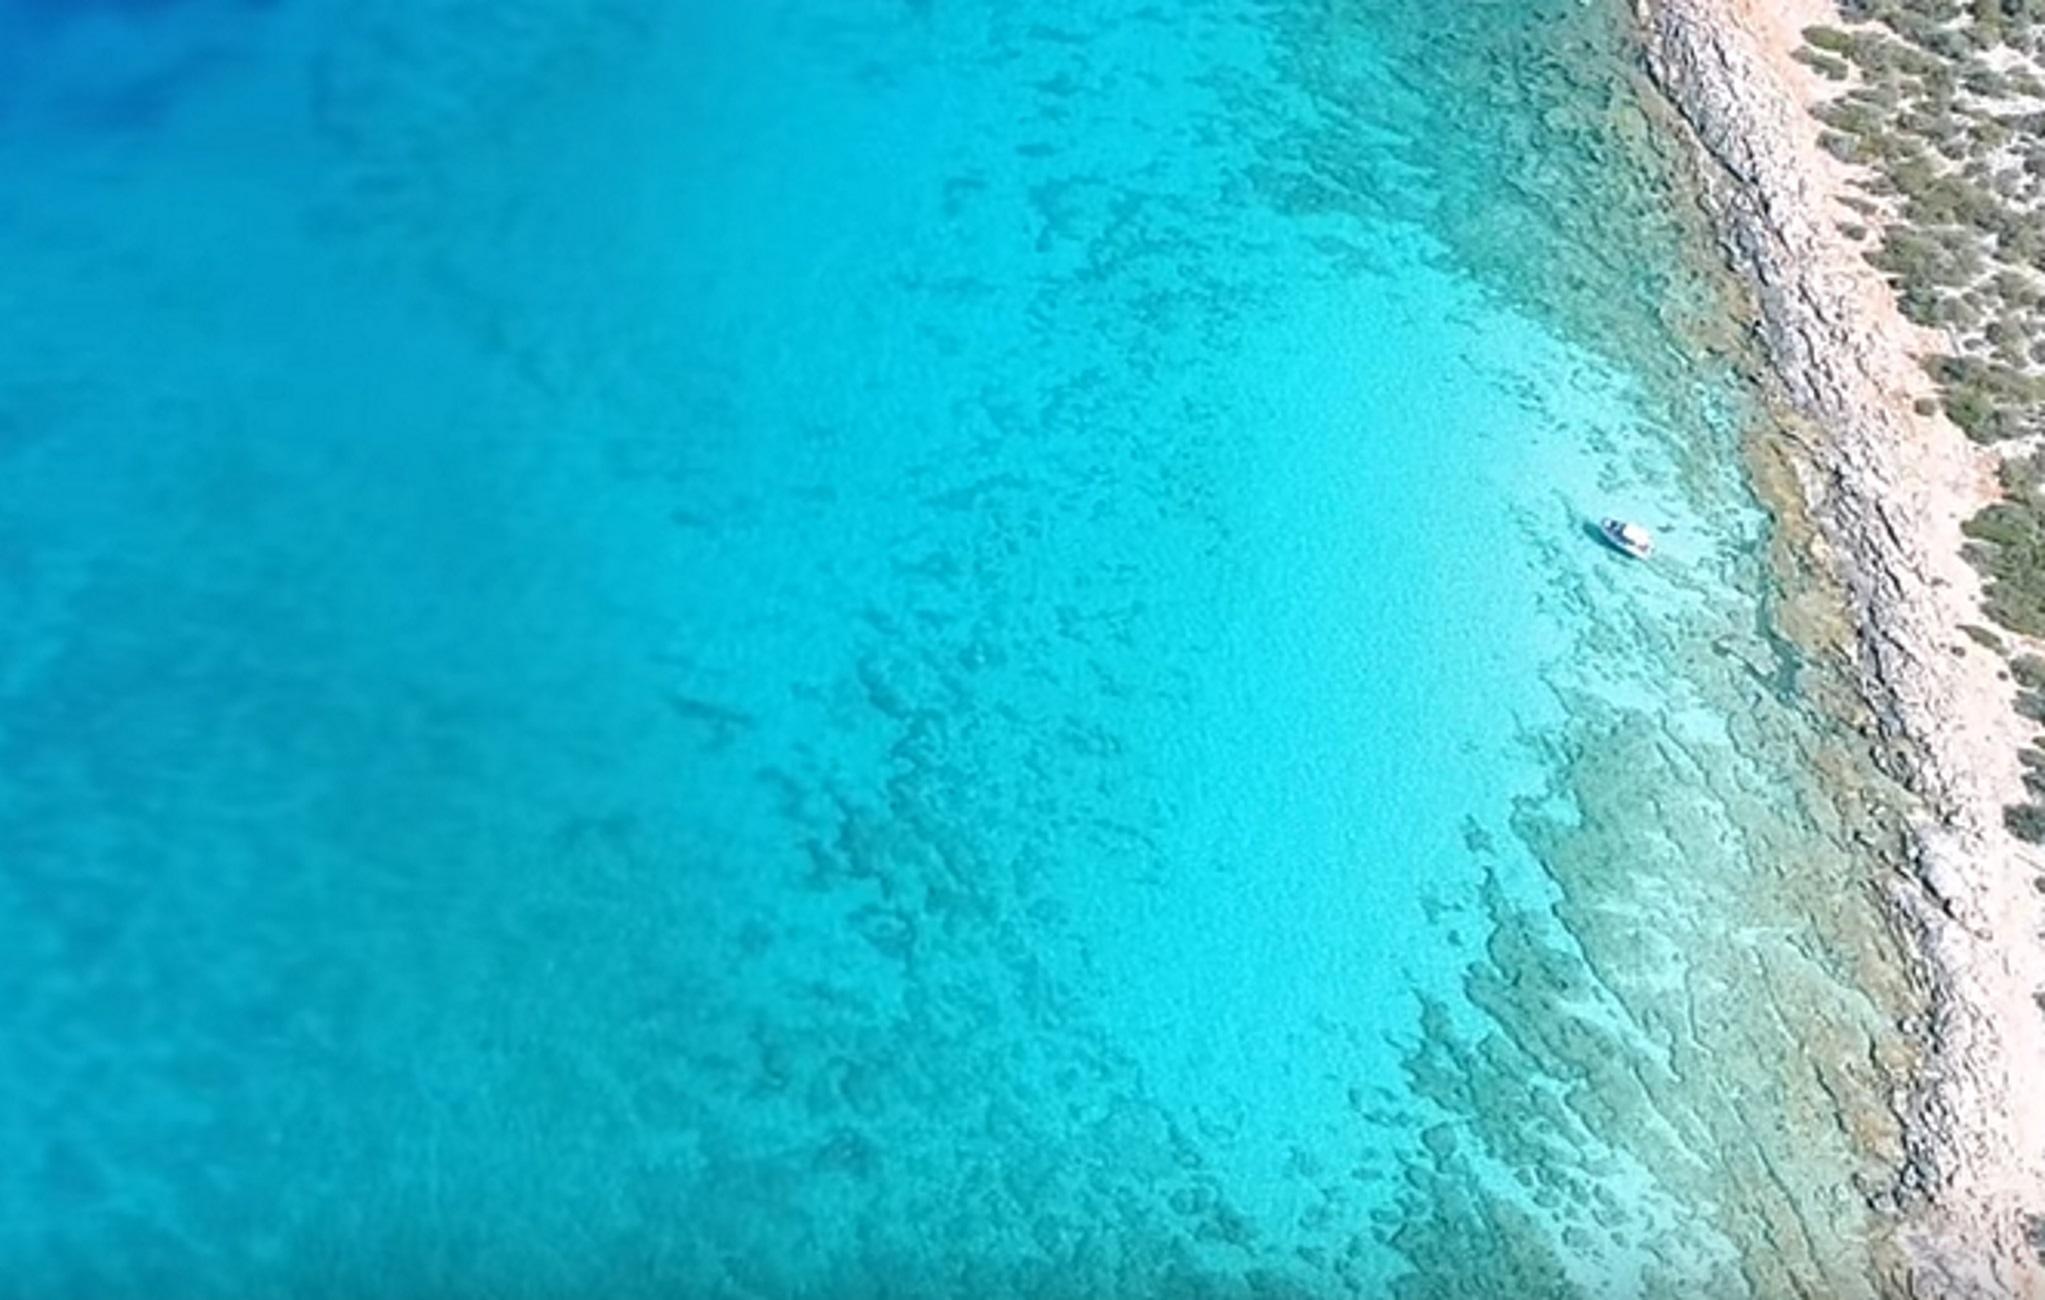 Αργολίδα: Προλαβαίνετε ακόμα – Η εκπληκτική παραλία με τα νερά που θυμίζουν Καραϊβική